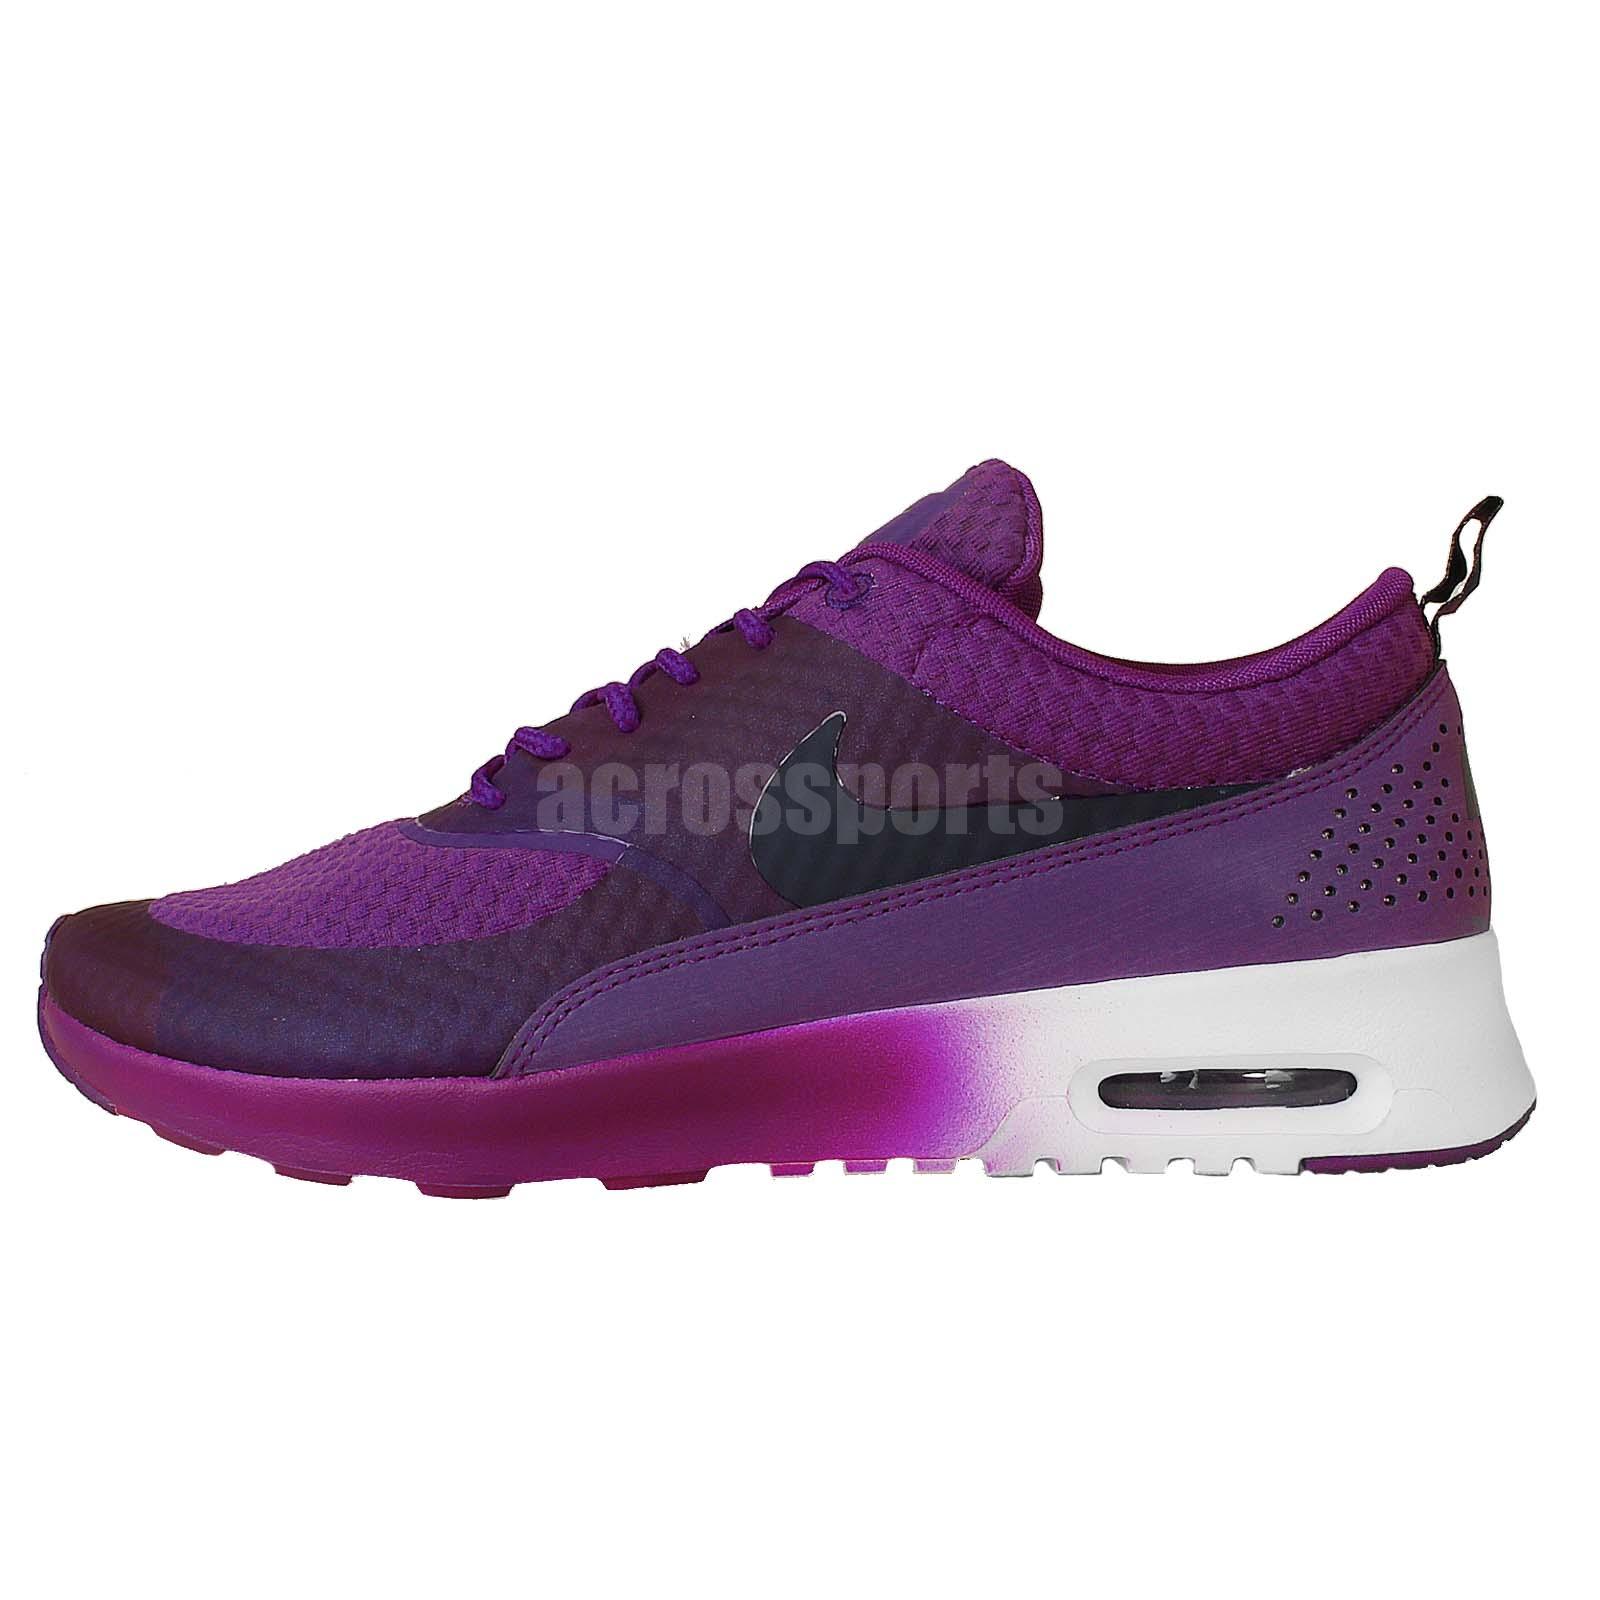 Nike Womens Air Max Thea Prm Premium Running Shoes Purple